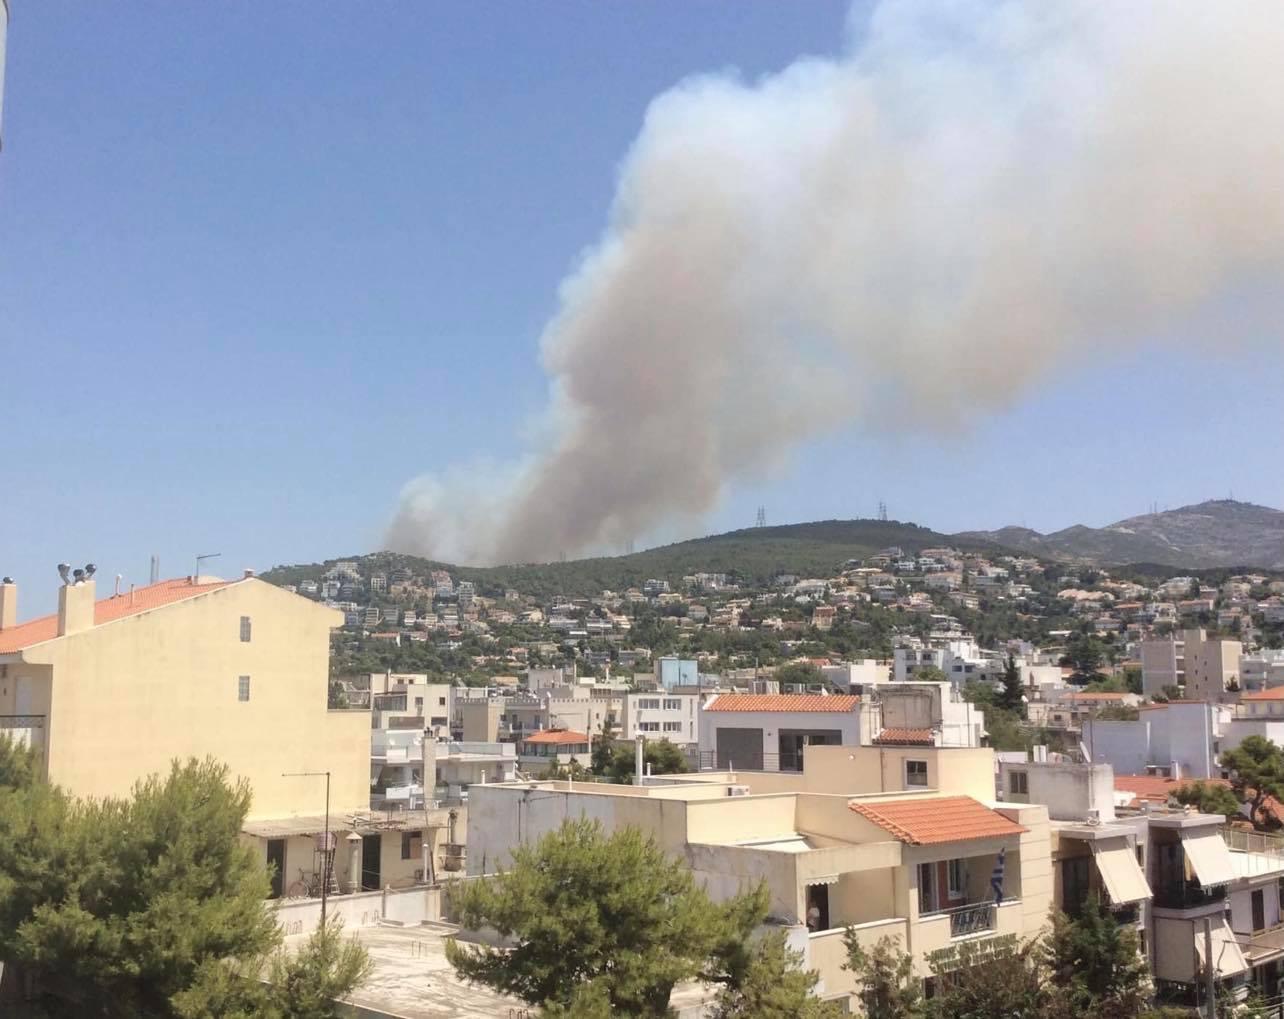 Έκτακτη Ενημέρωση από Χρυσοχοΐδη και Χαρδαλιά για φωτιά σε Σταμάτα και Διόνυσο – Τέσσερις προσαγωγές υπόπτων